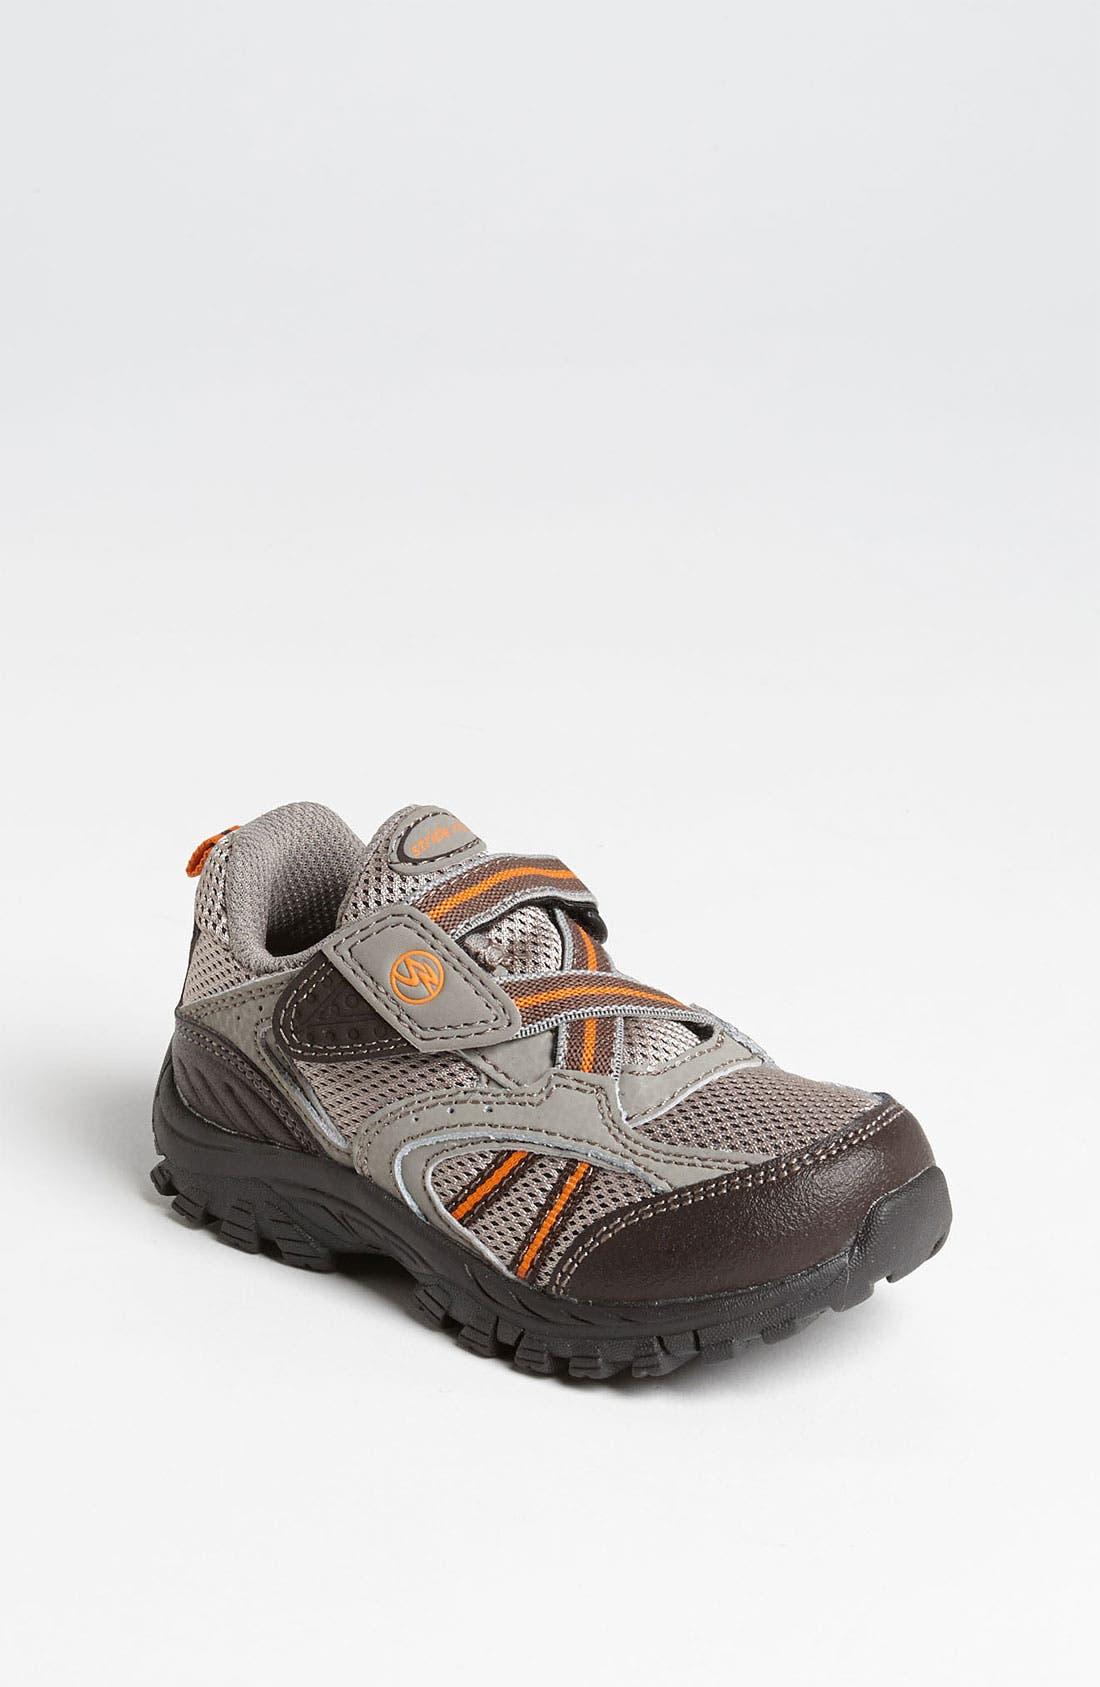 Main Image - Stride Rite 'Clayton' Sneaker (Toddler)